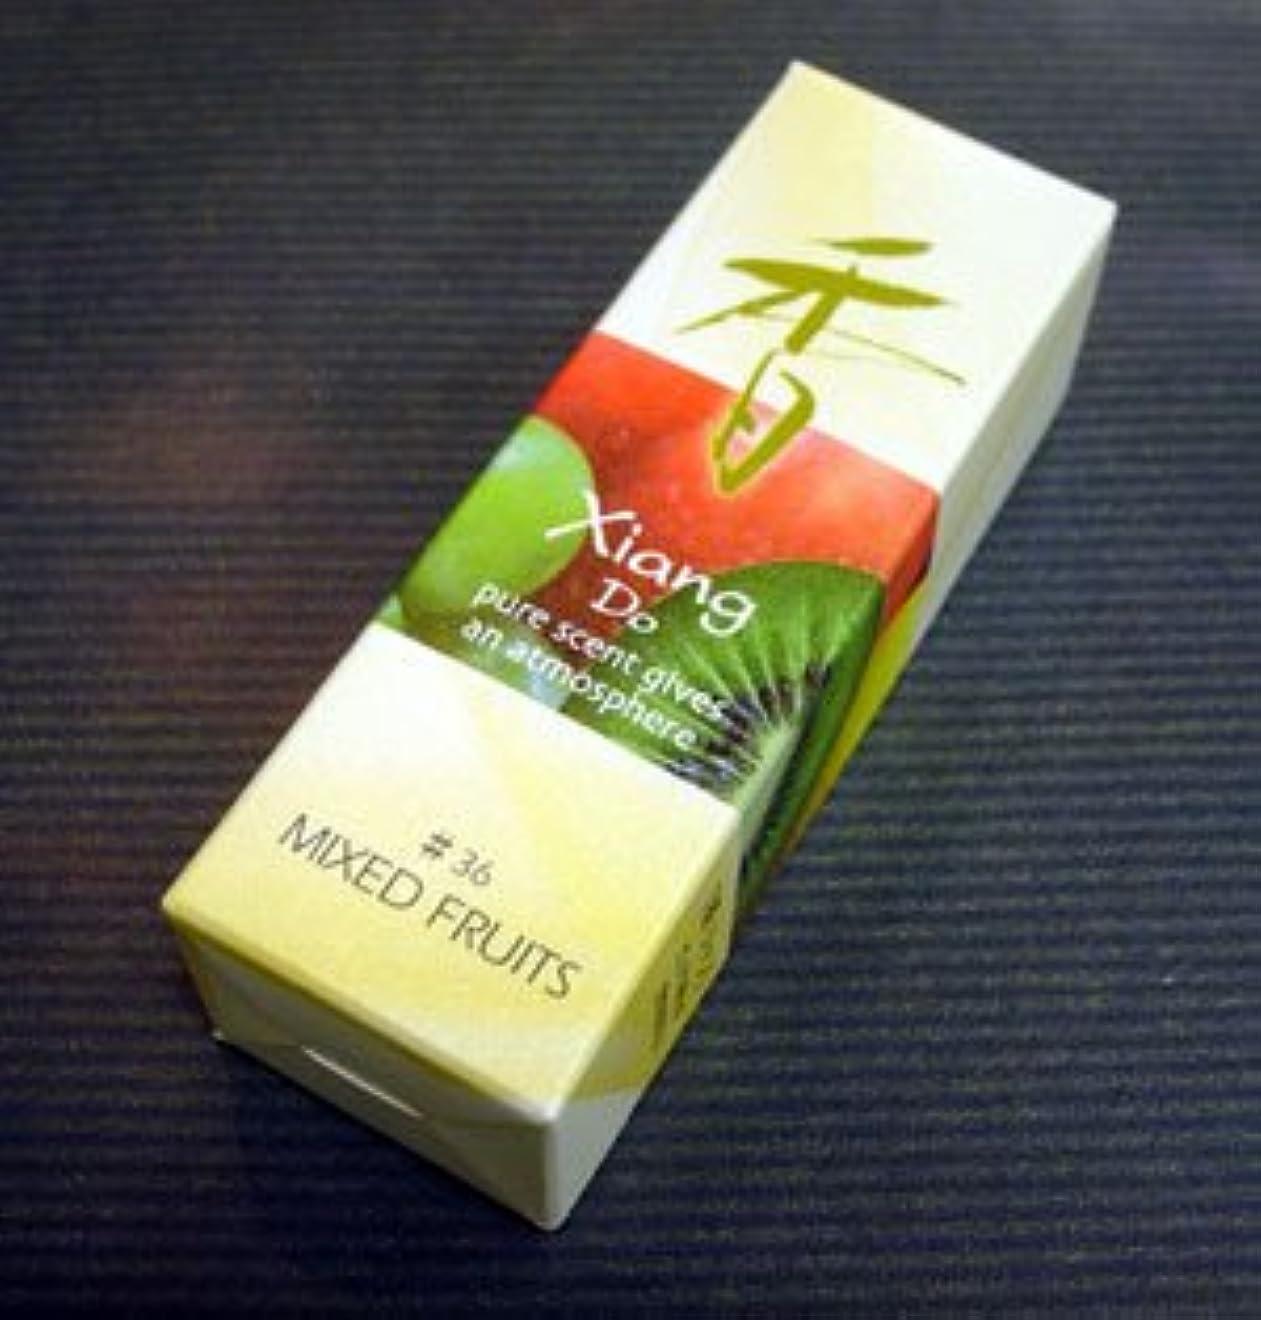 作るあなたが良くなりますスタンド自然の恵み、色とりどり 松栄堂【Xiang Do ミックスフルーツ】スティック 【お香】